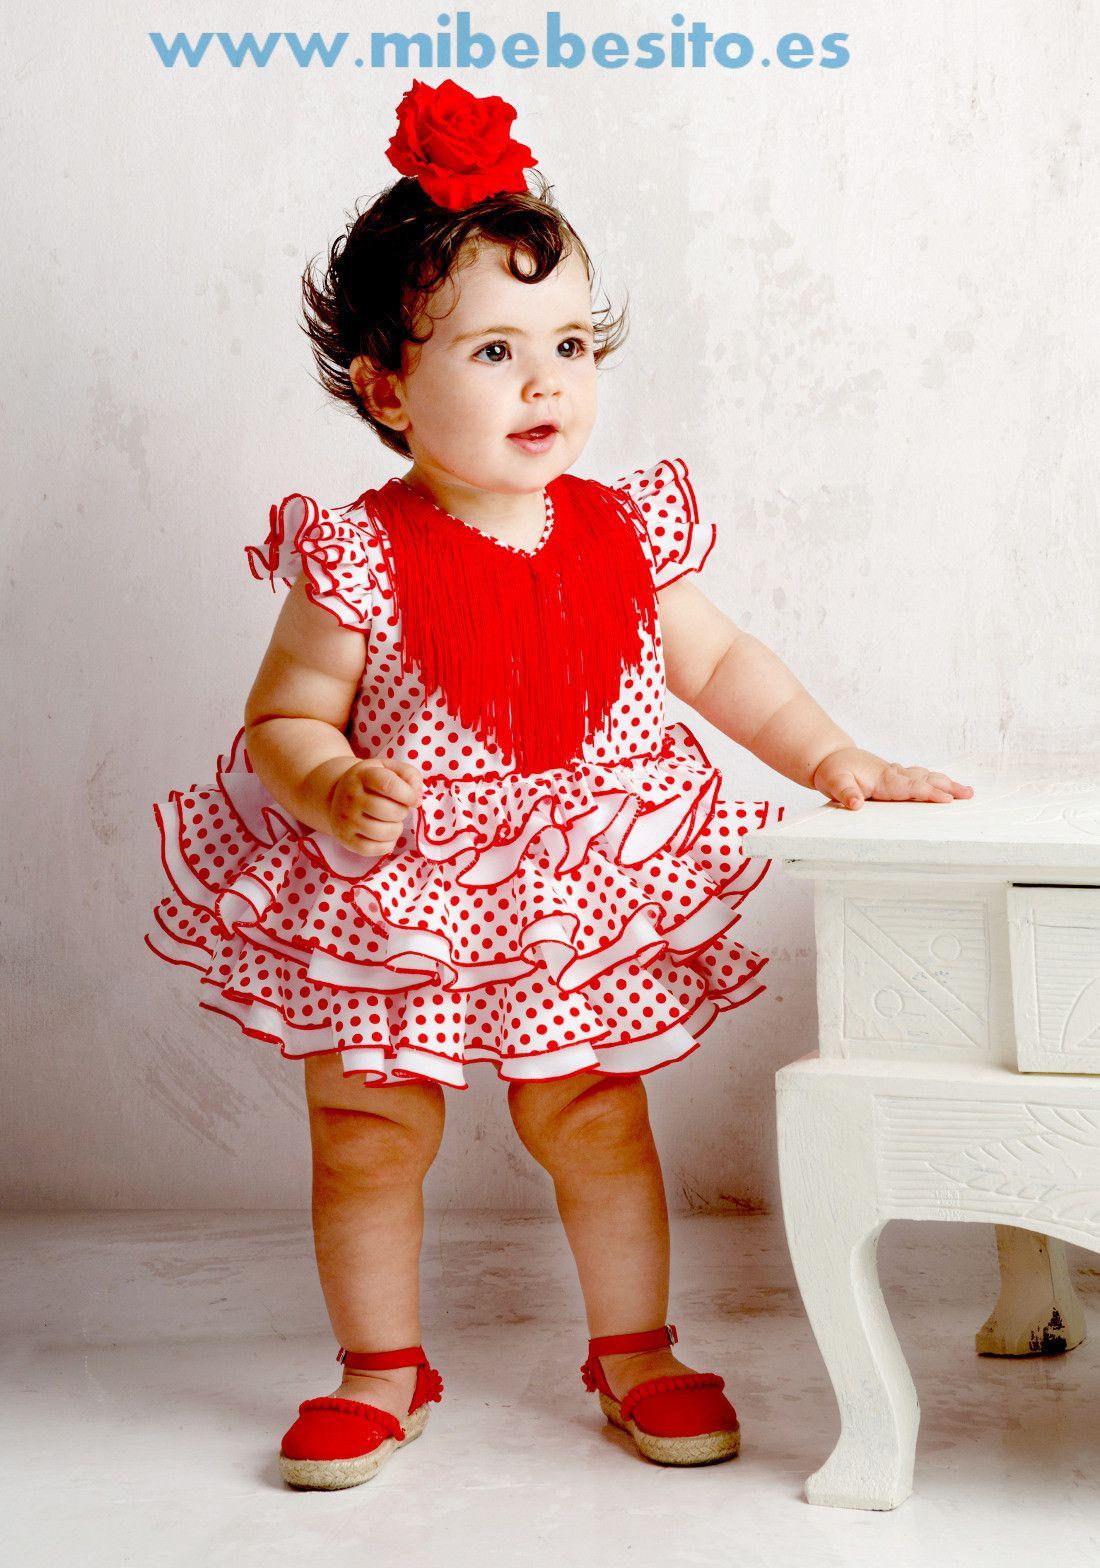 6046412a2 Traje de flamenca para bebé blanco con lunar rojo   Fotografías ...